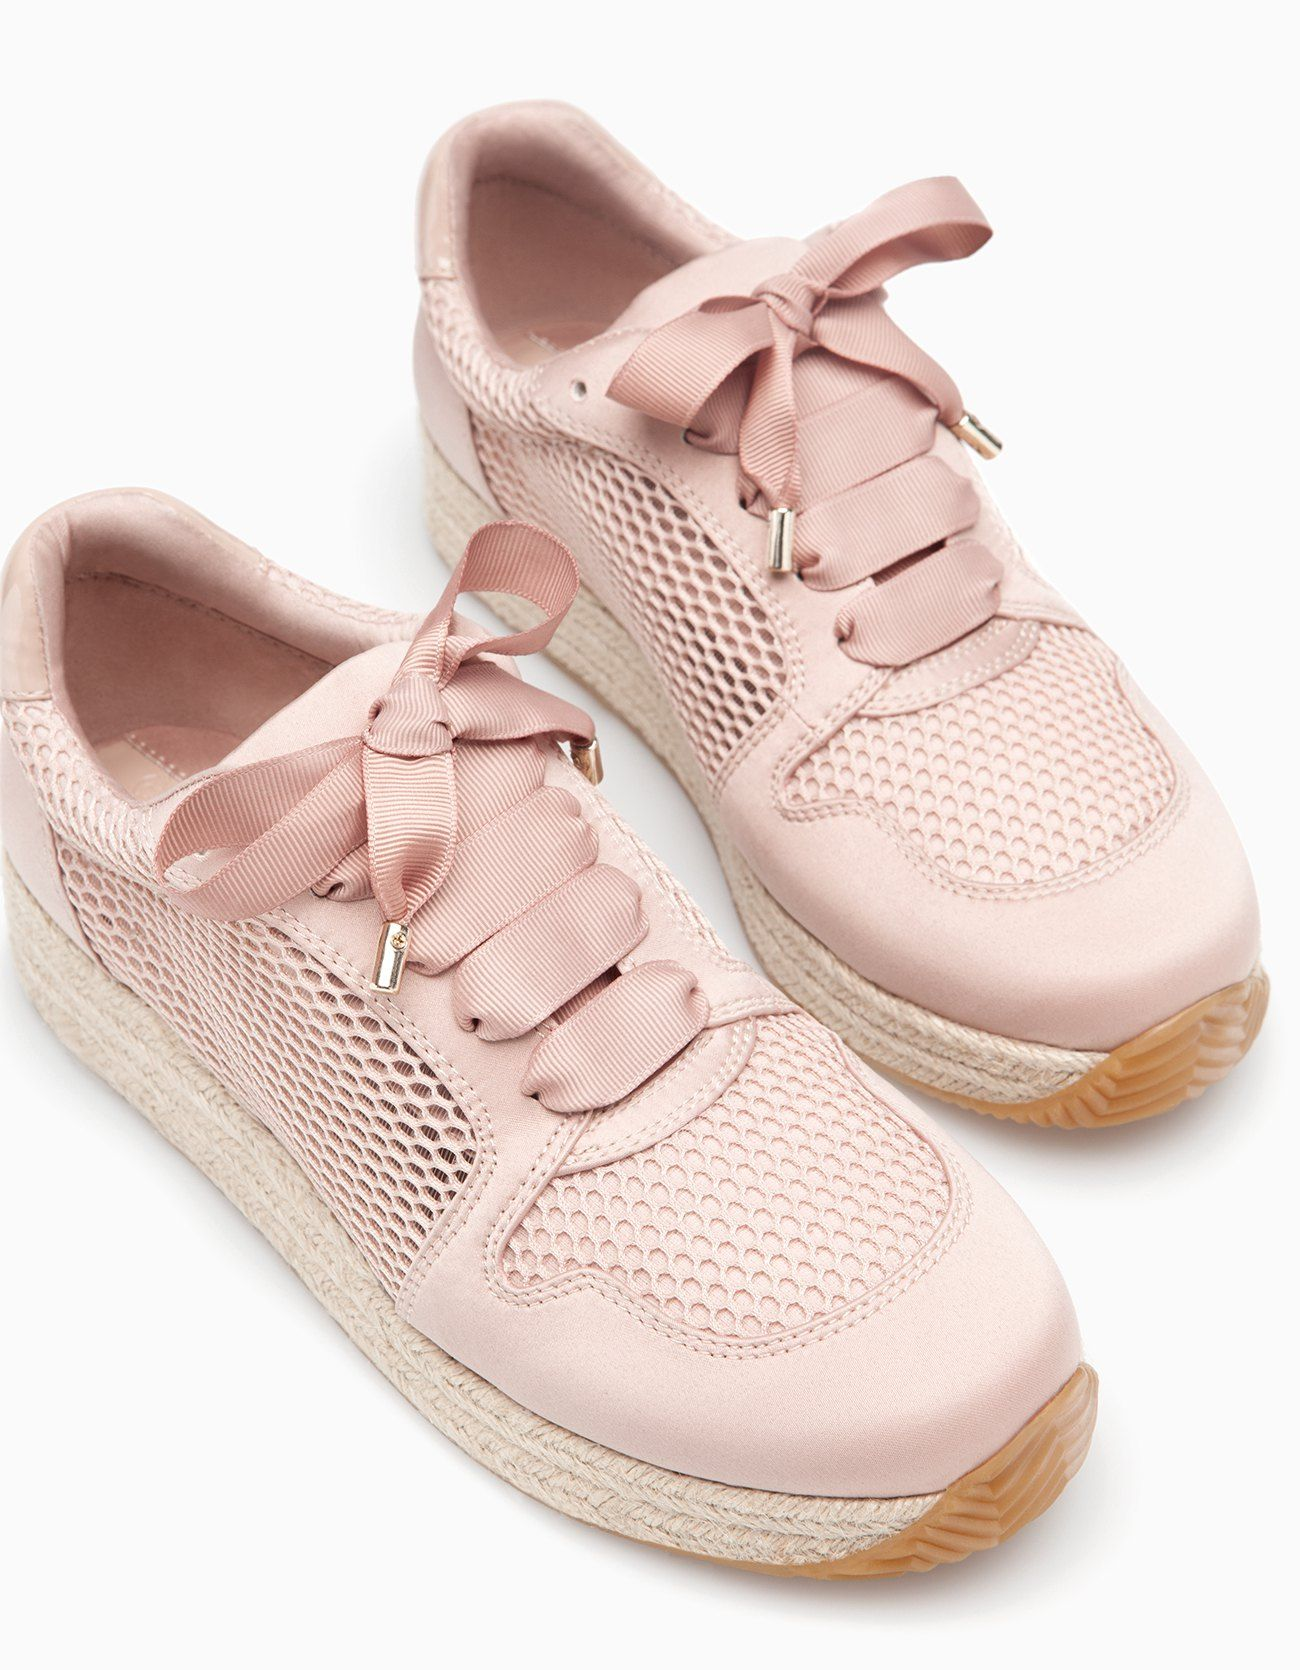 Footwear Denmark All Stradivarius Jute Woman Sneakers Xxq8vnw4UP